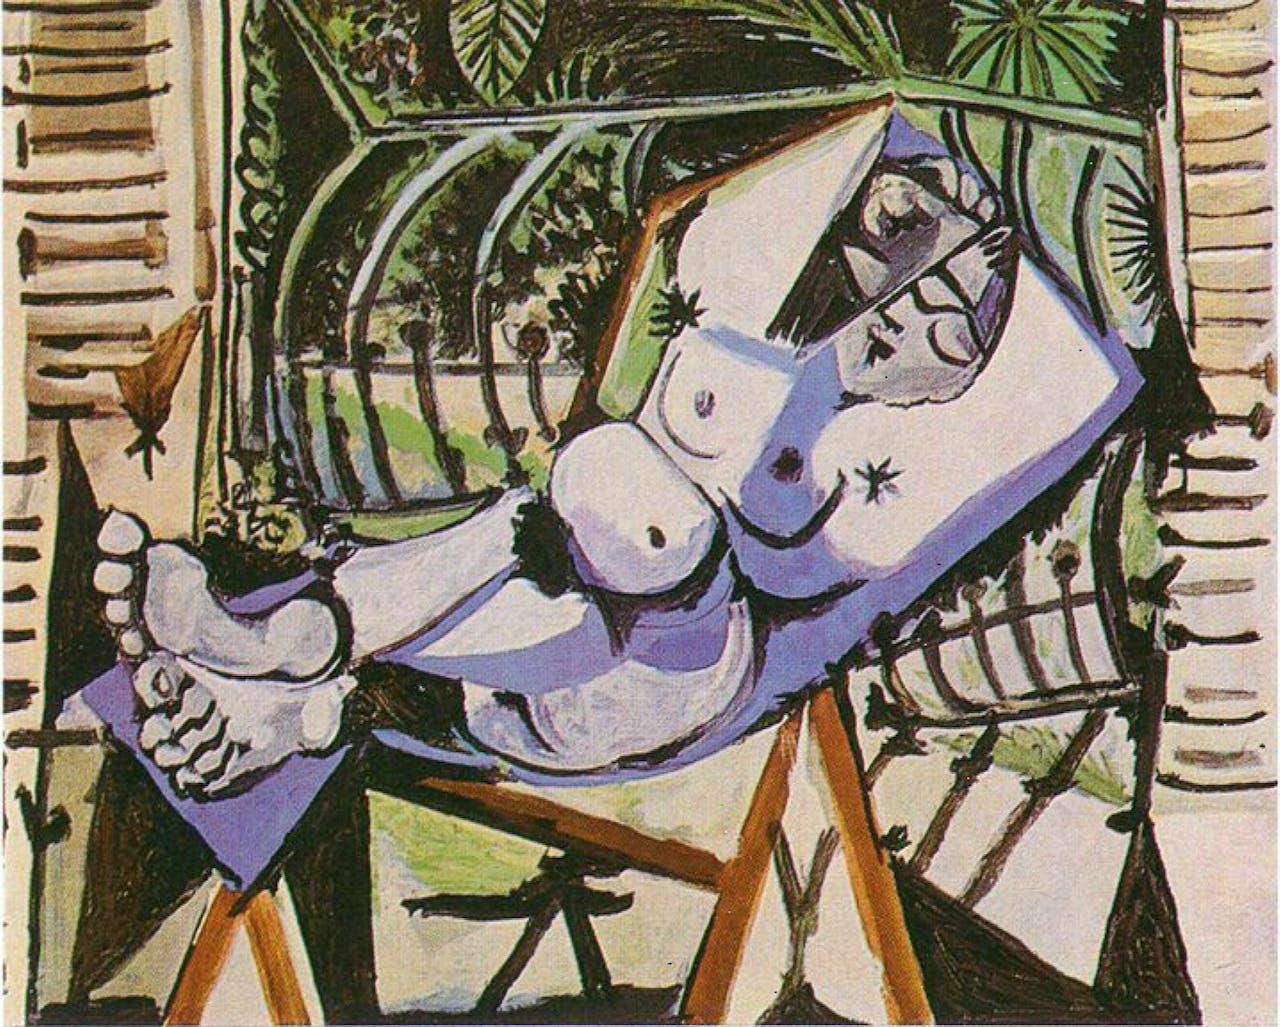 Vrouwelijk naakt voor tuin uit 1956 van Pablo Picasso.